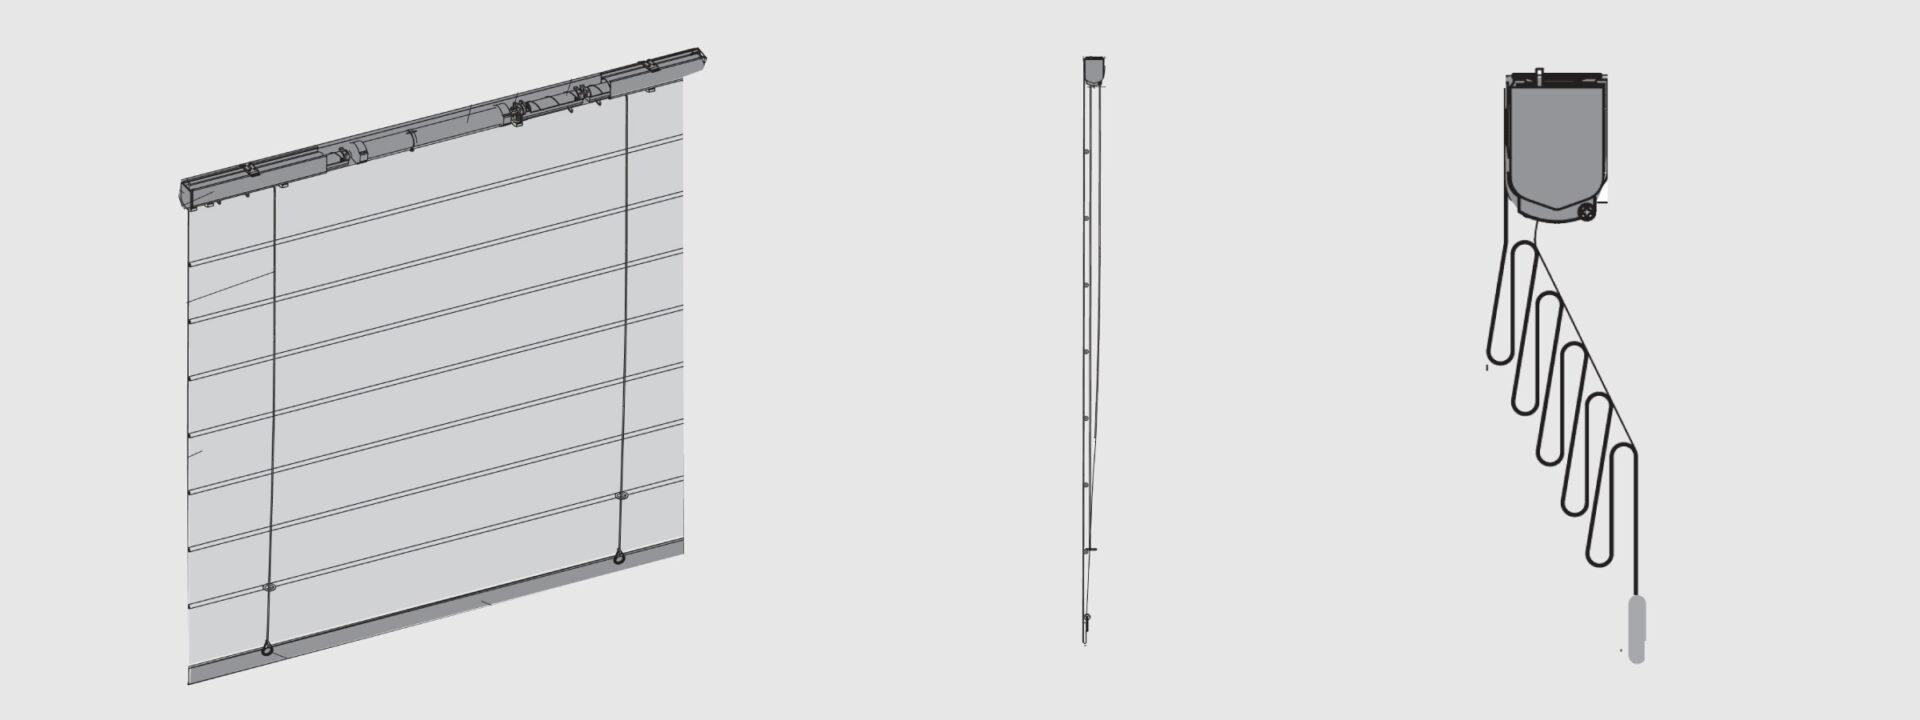 otwarty-elektryczny-400x900-obrazek-z-rysunkami-technicznymi